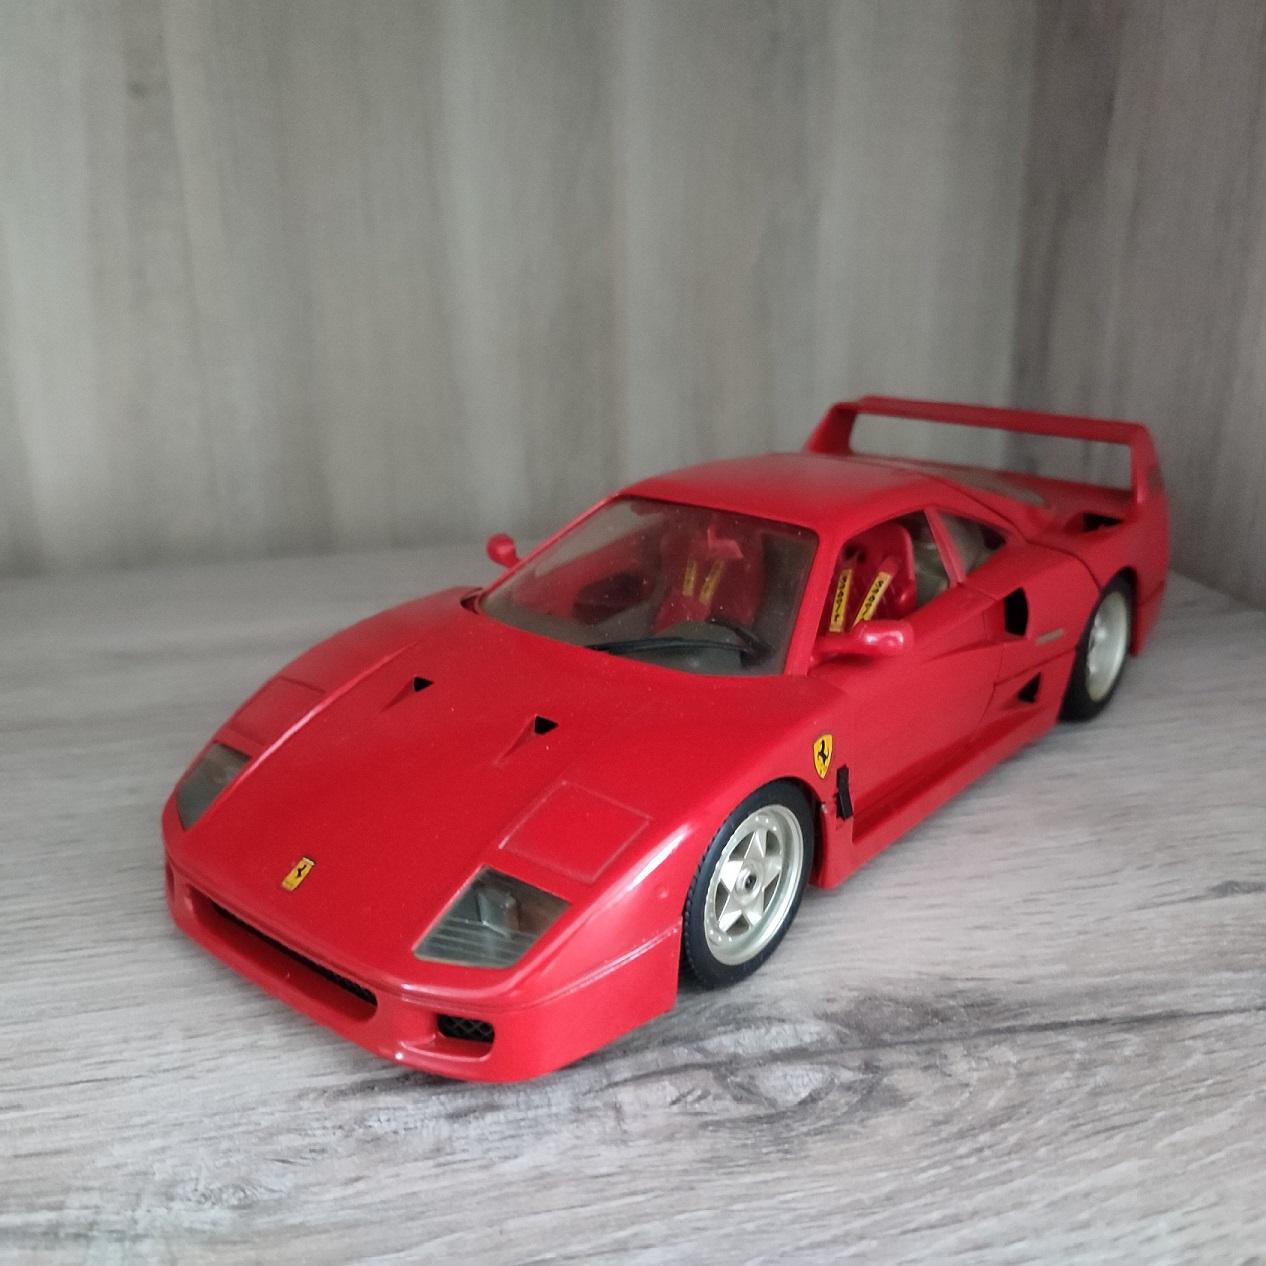 pièce détachée miniature ferrari F40 burago 1.18